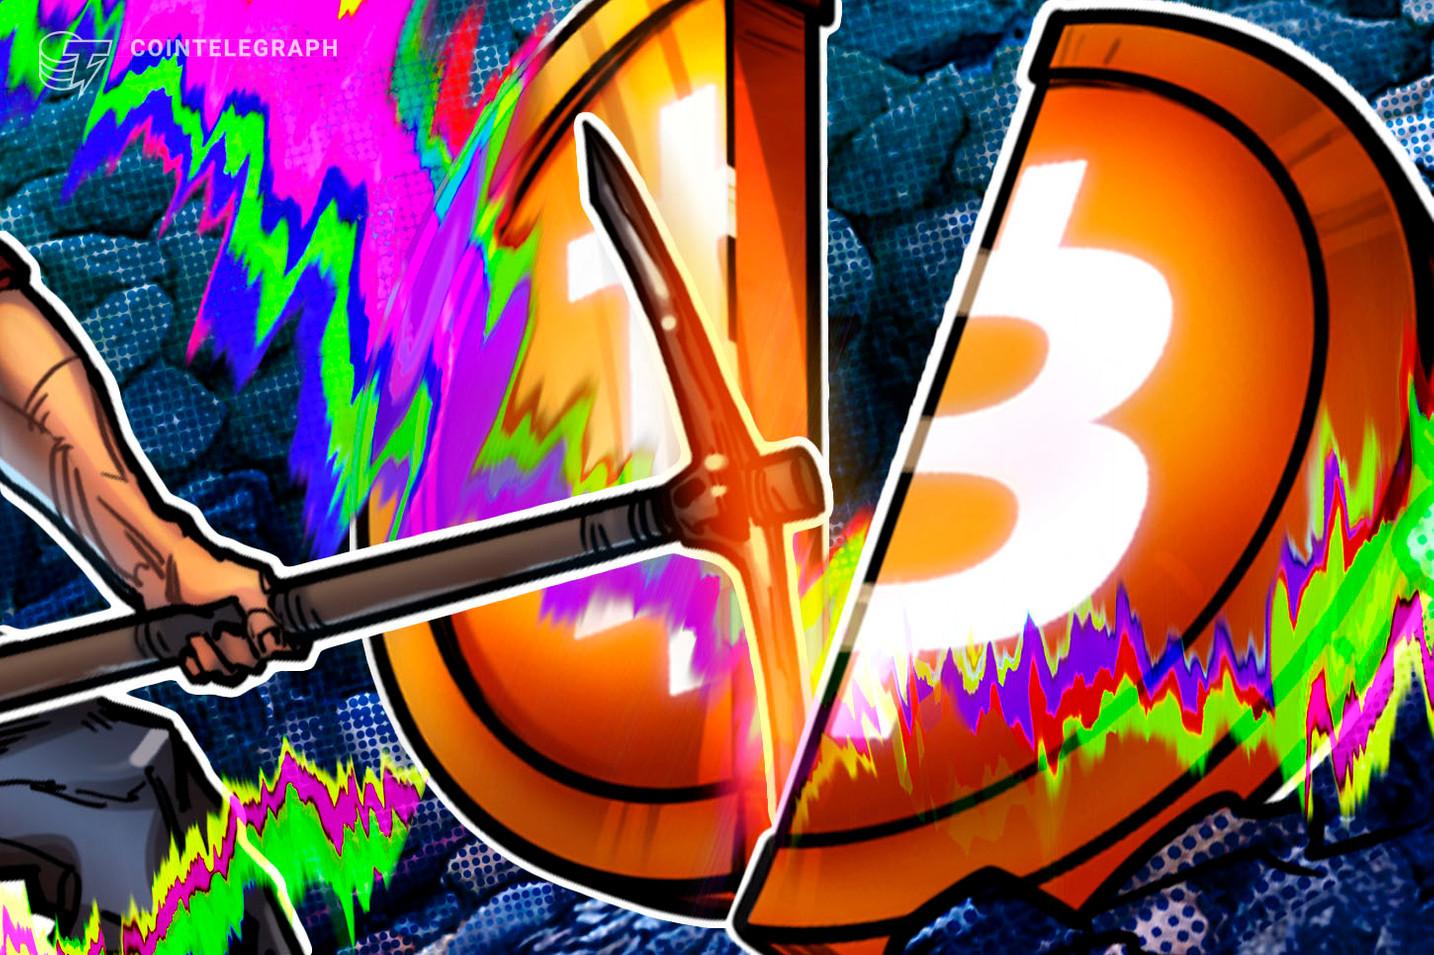 Traders de criptomonedas predicen la dirección del precio de Bitcoin después del halving